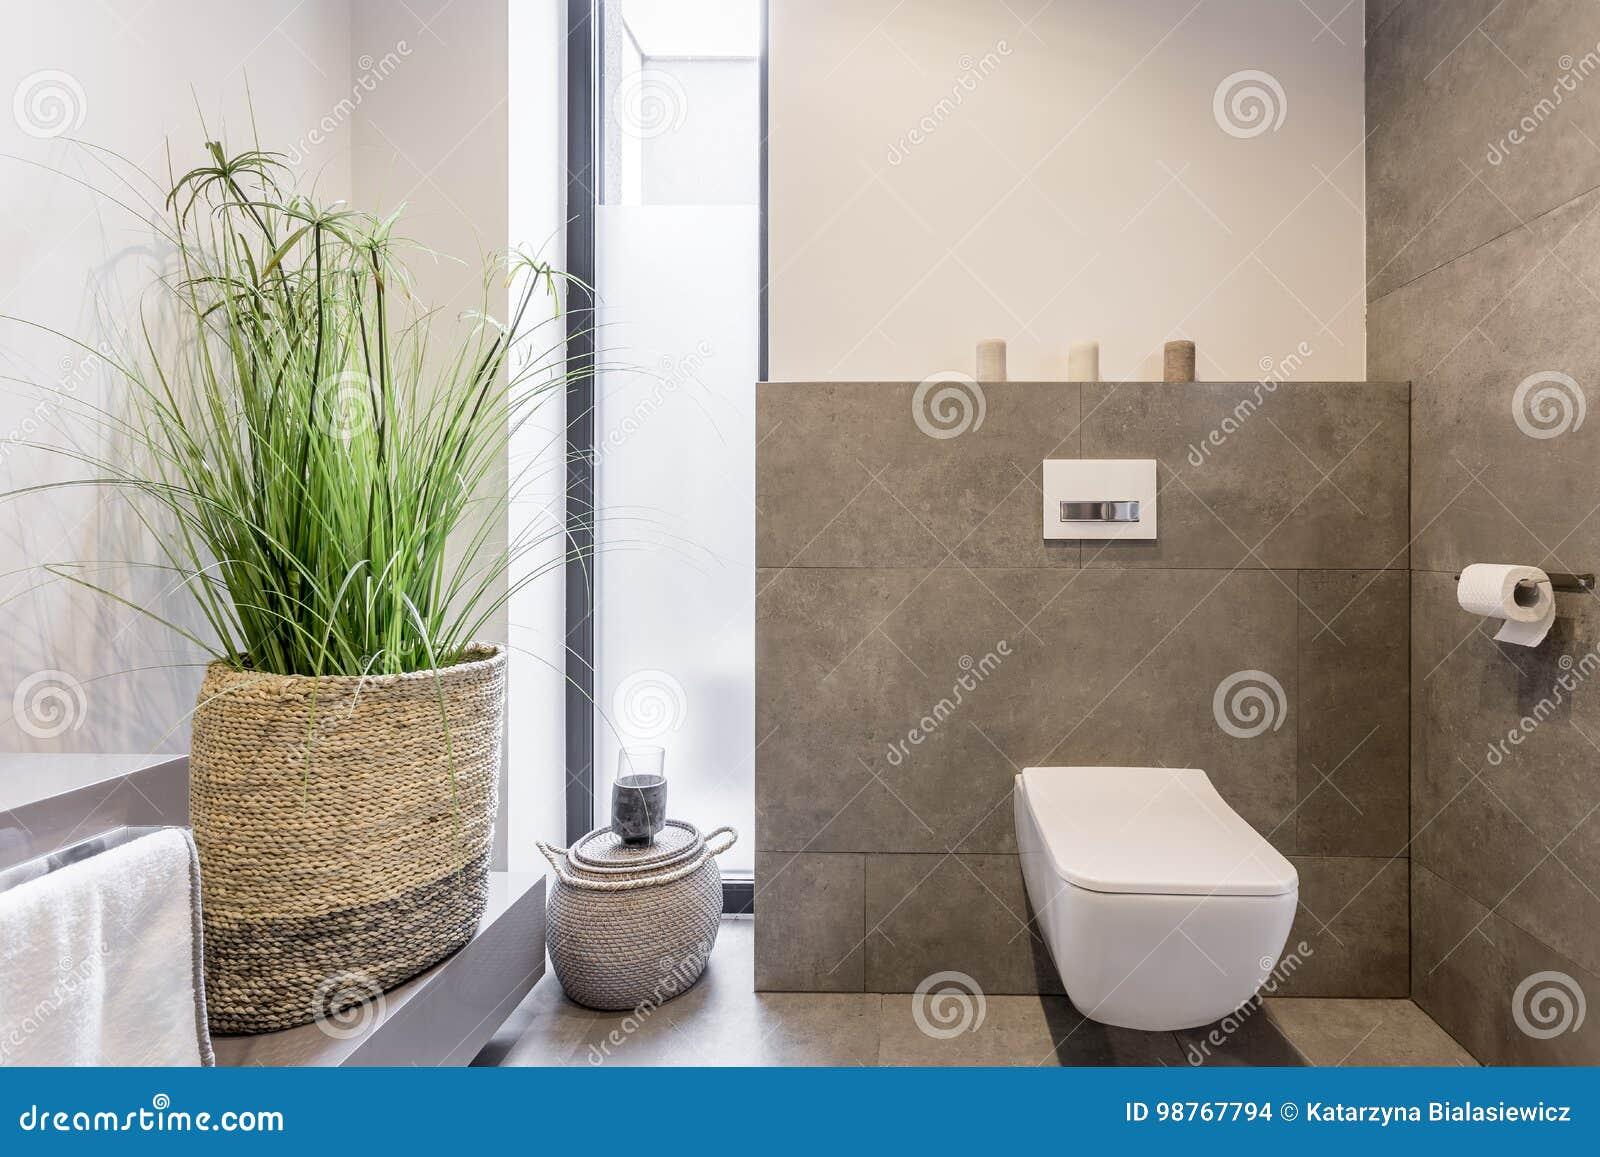 Unbedeutendes Toilettendesign Stockfoto - Bild von wohnung ...